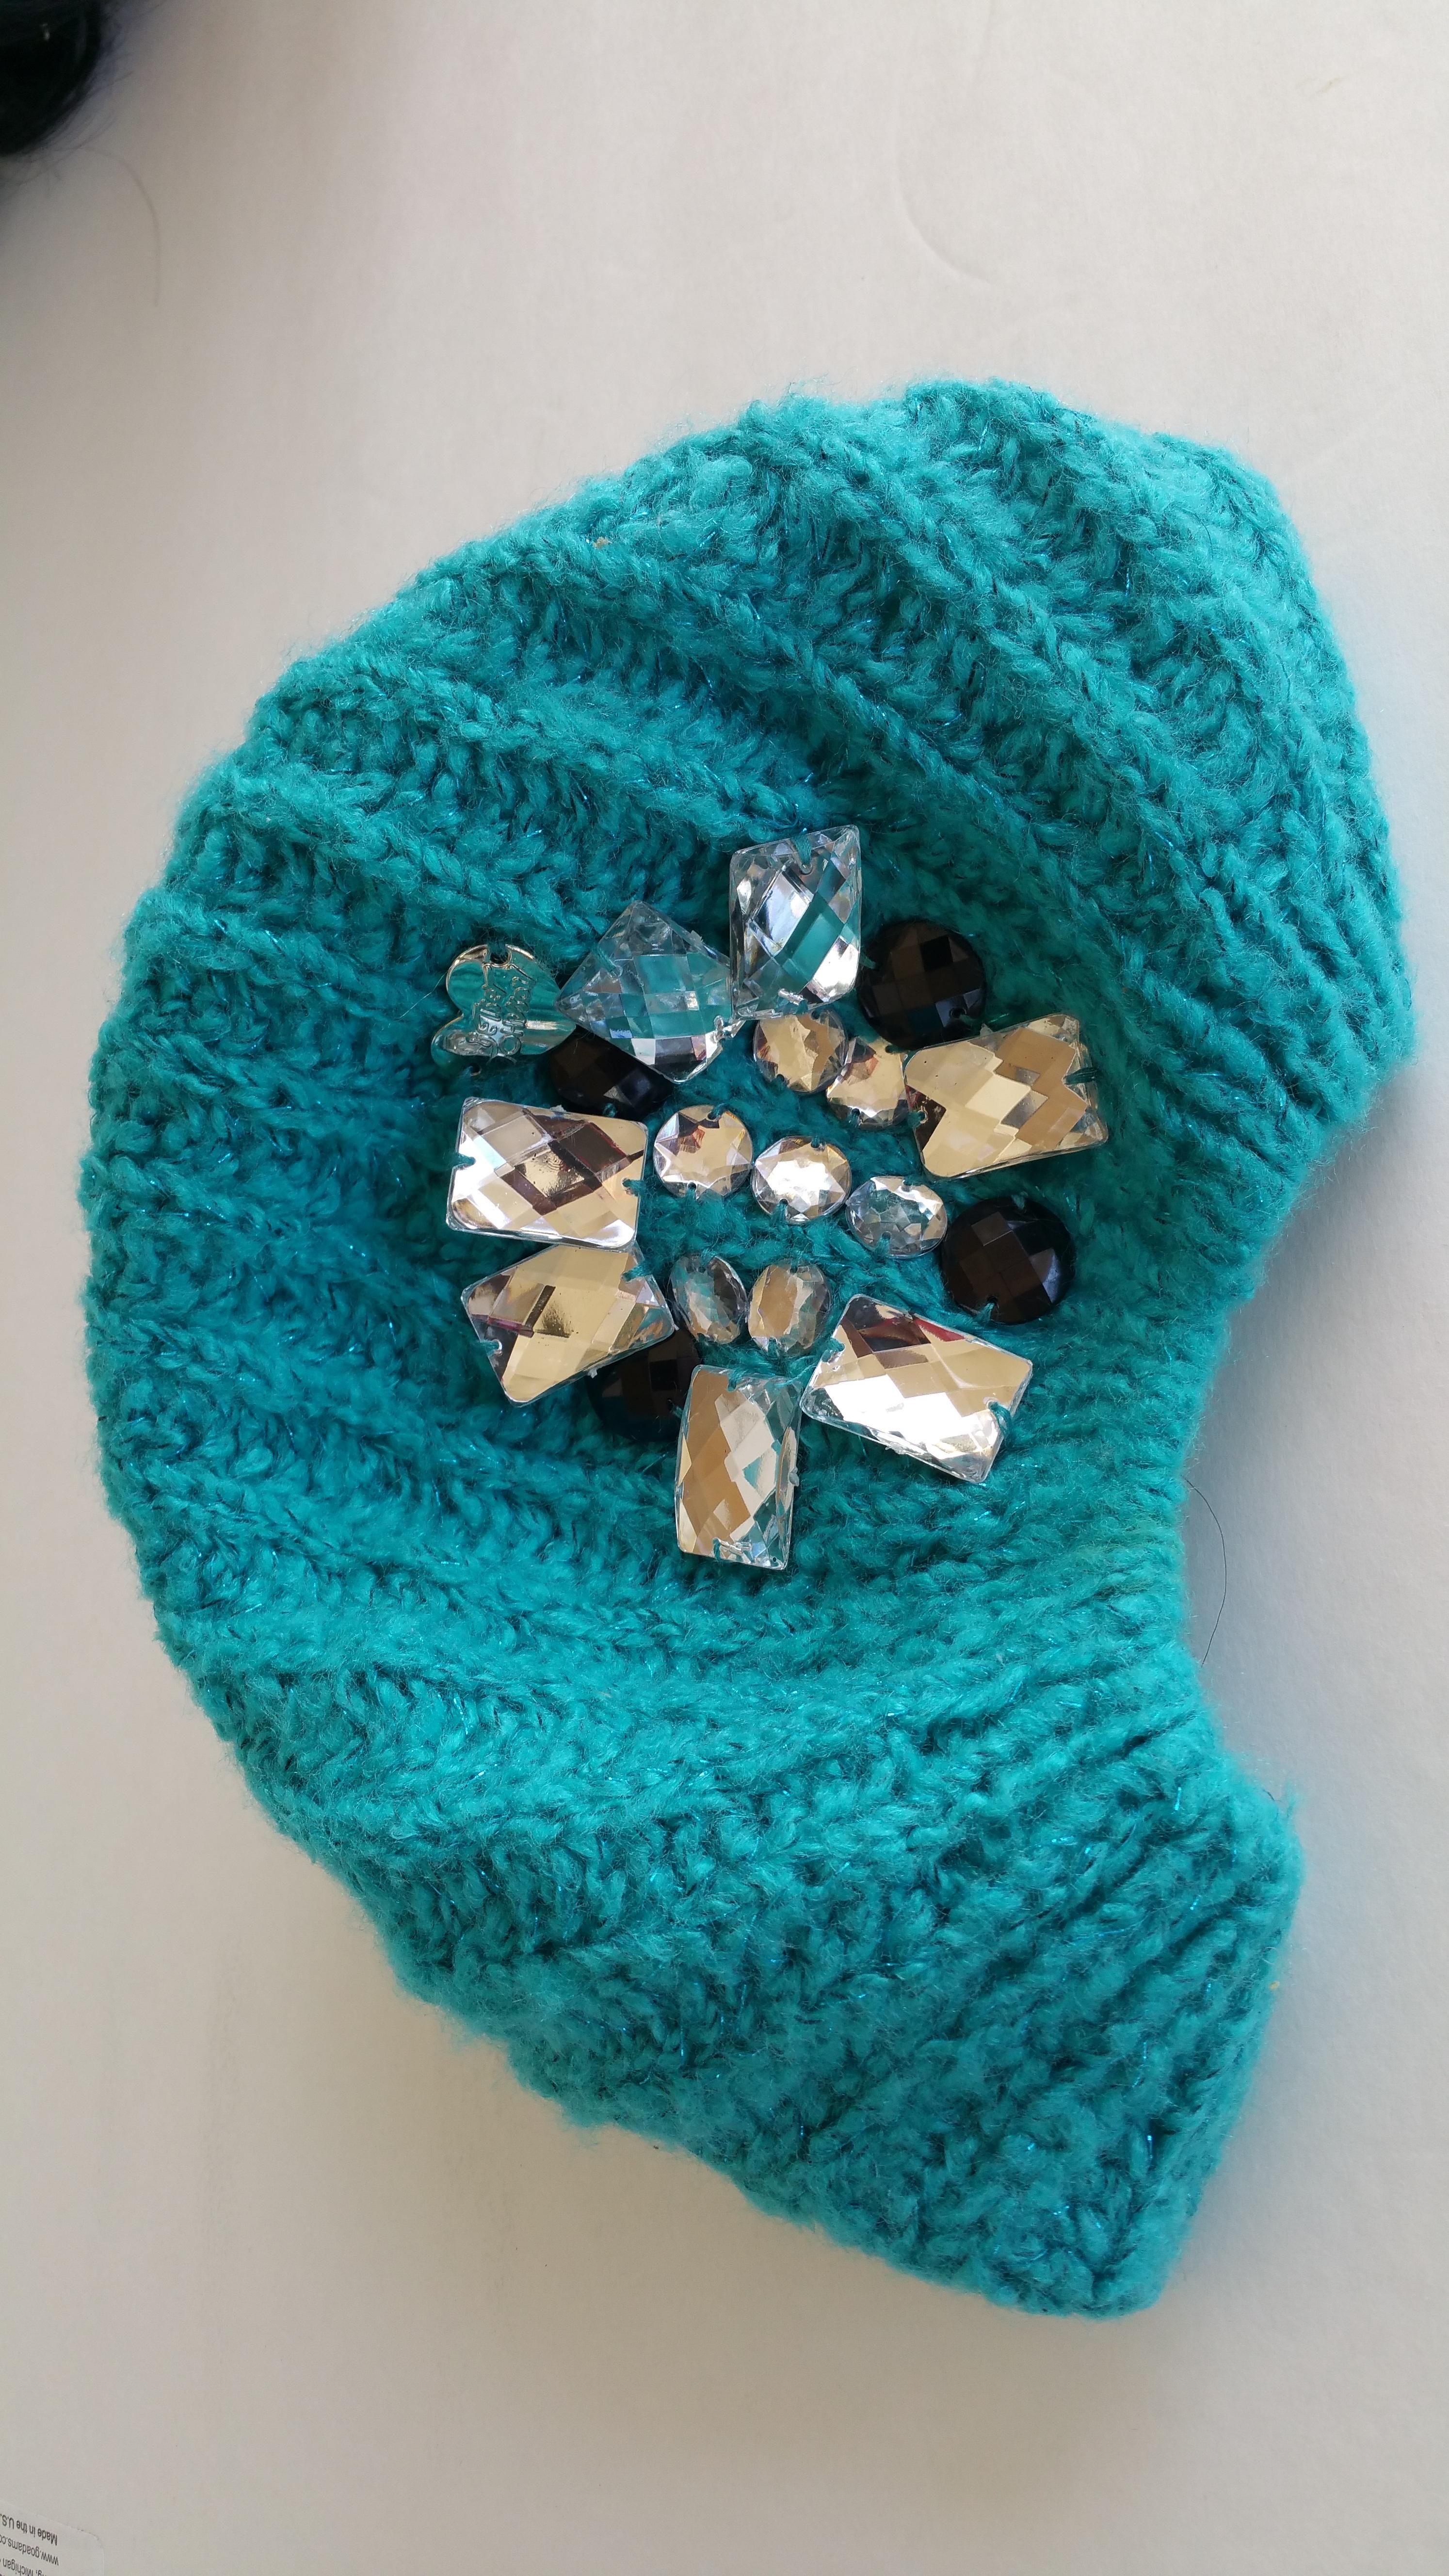 Kostenlose foto : Muster, Grün, blau, Kleidung, Kopfbedeckung ...